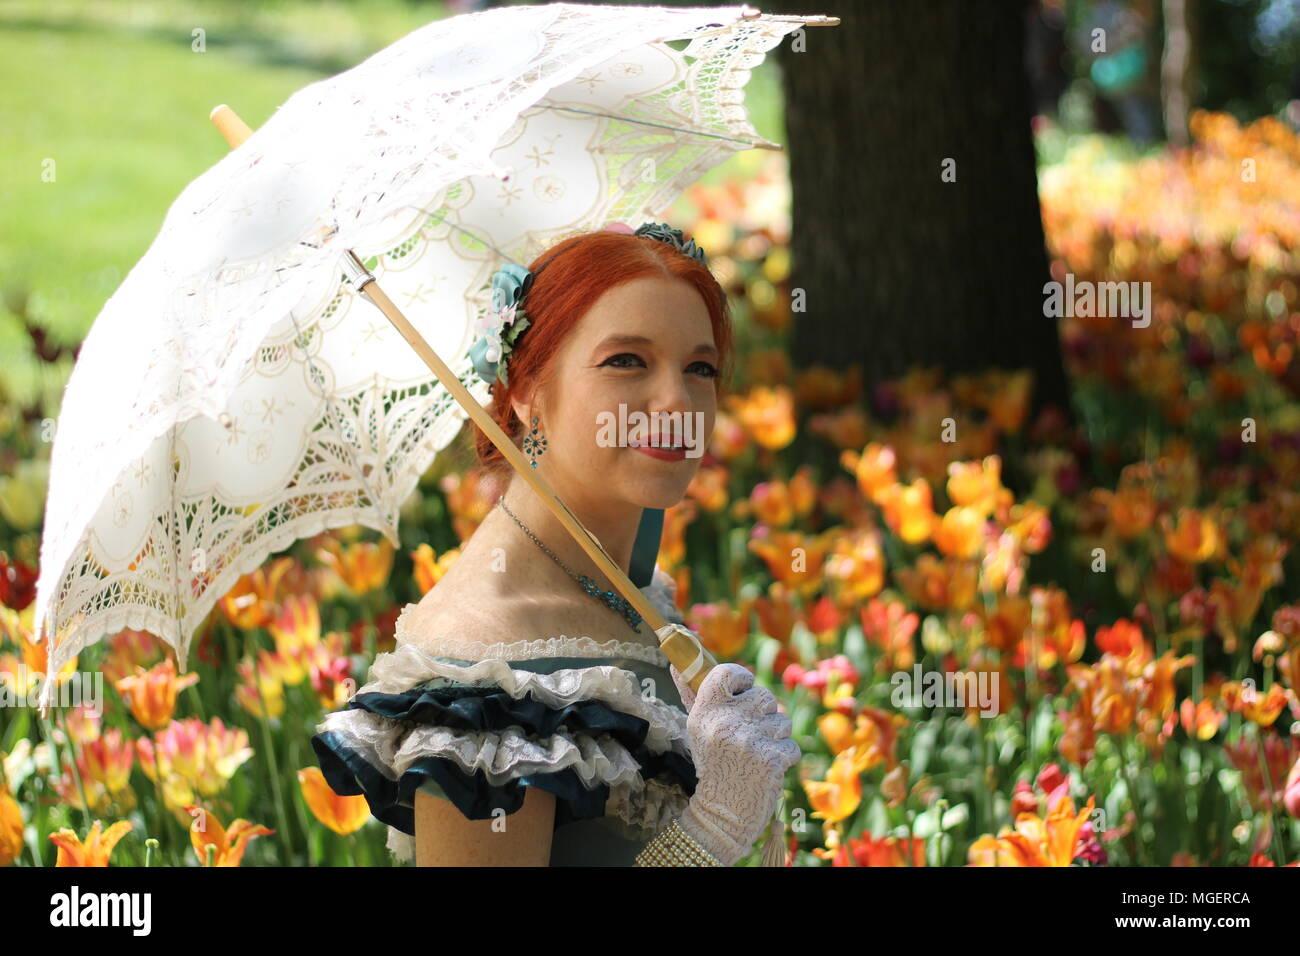 Una mujer con pelo rojo y blanco paraguas para protegerse del sol se relaja en un campo de tulipanes rojos y amarillos Foto de stock